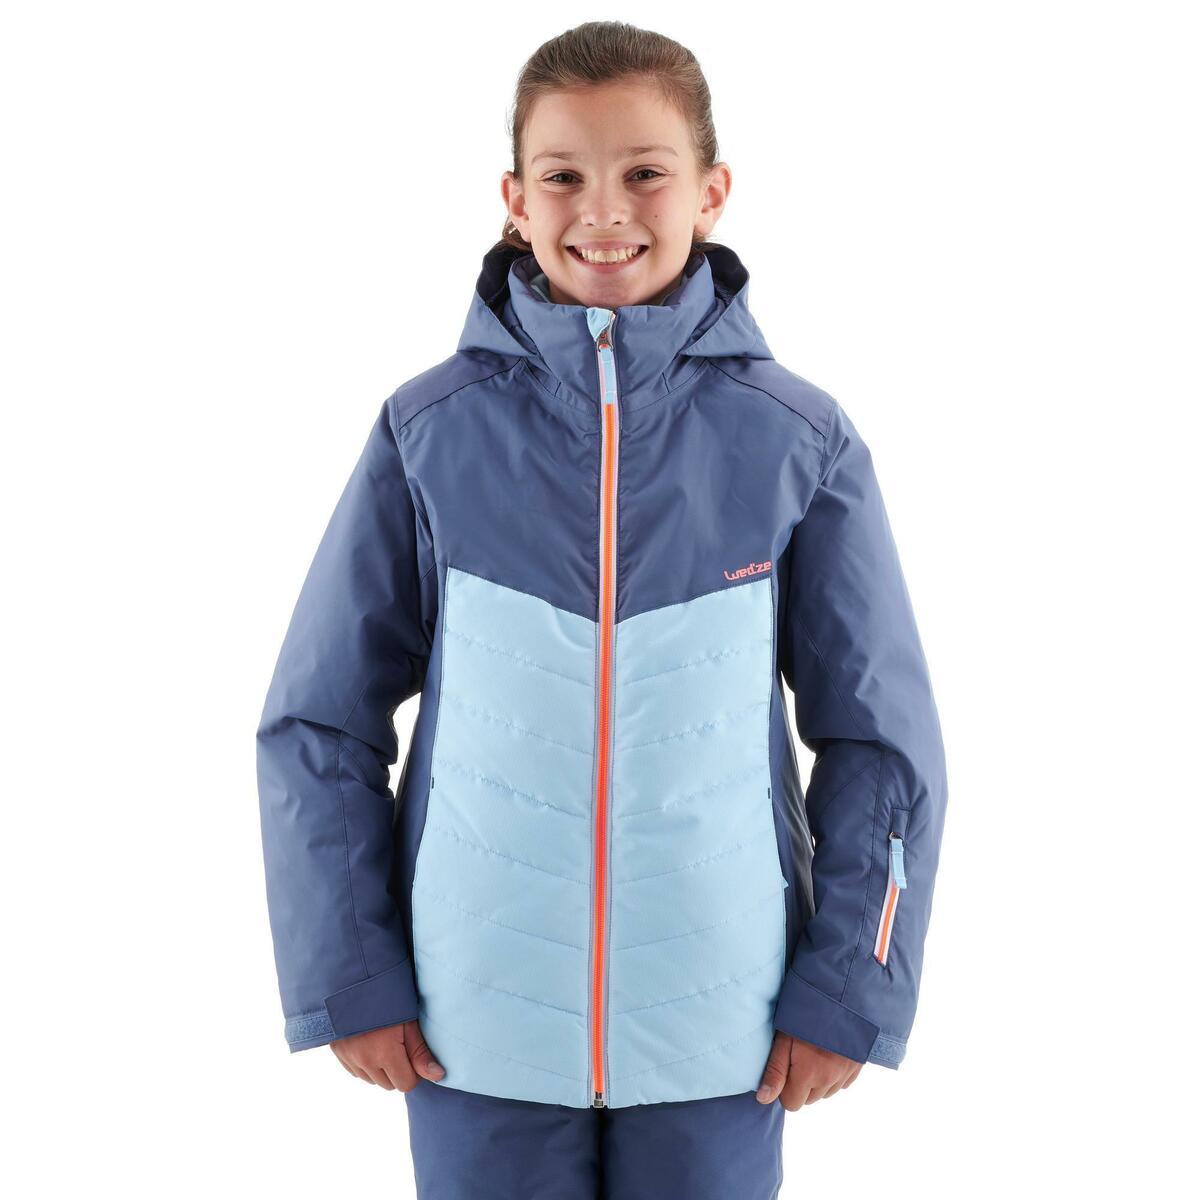 Bild 3 von Skijacke 300 Kinder blau